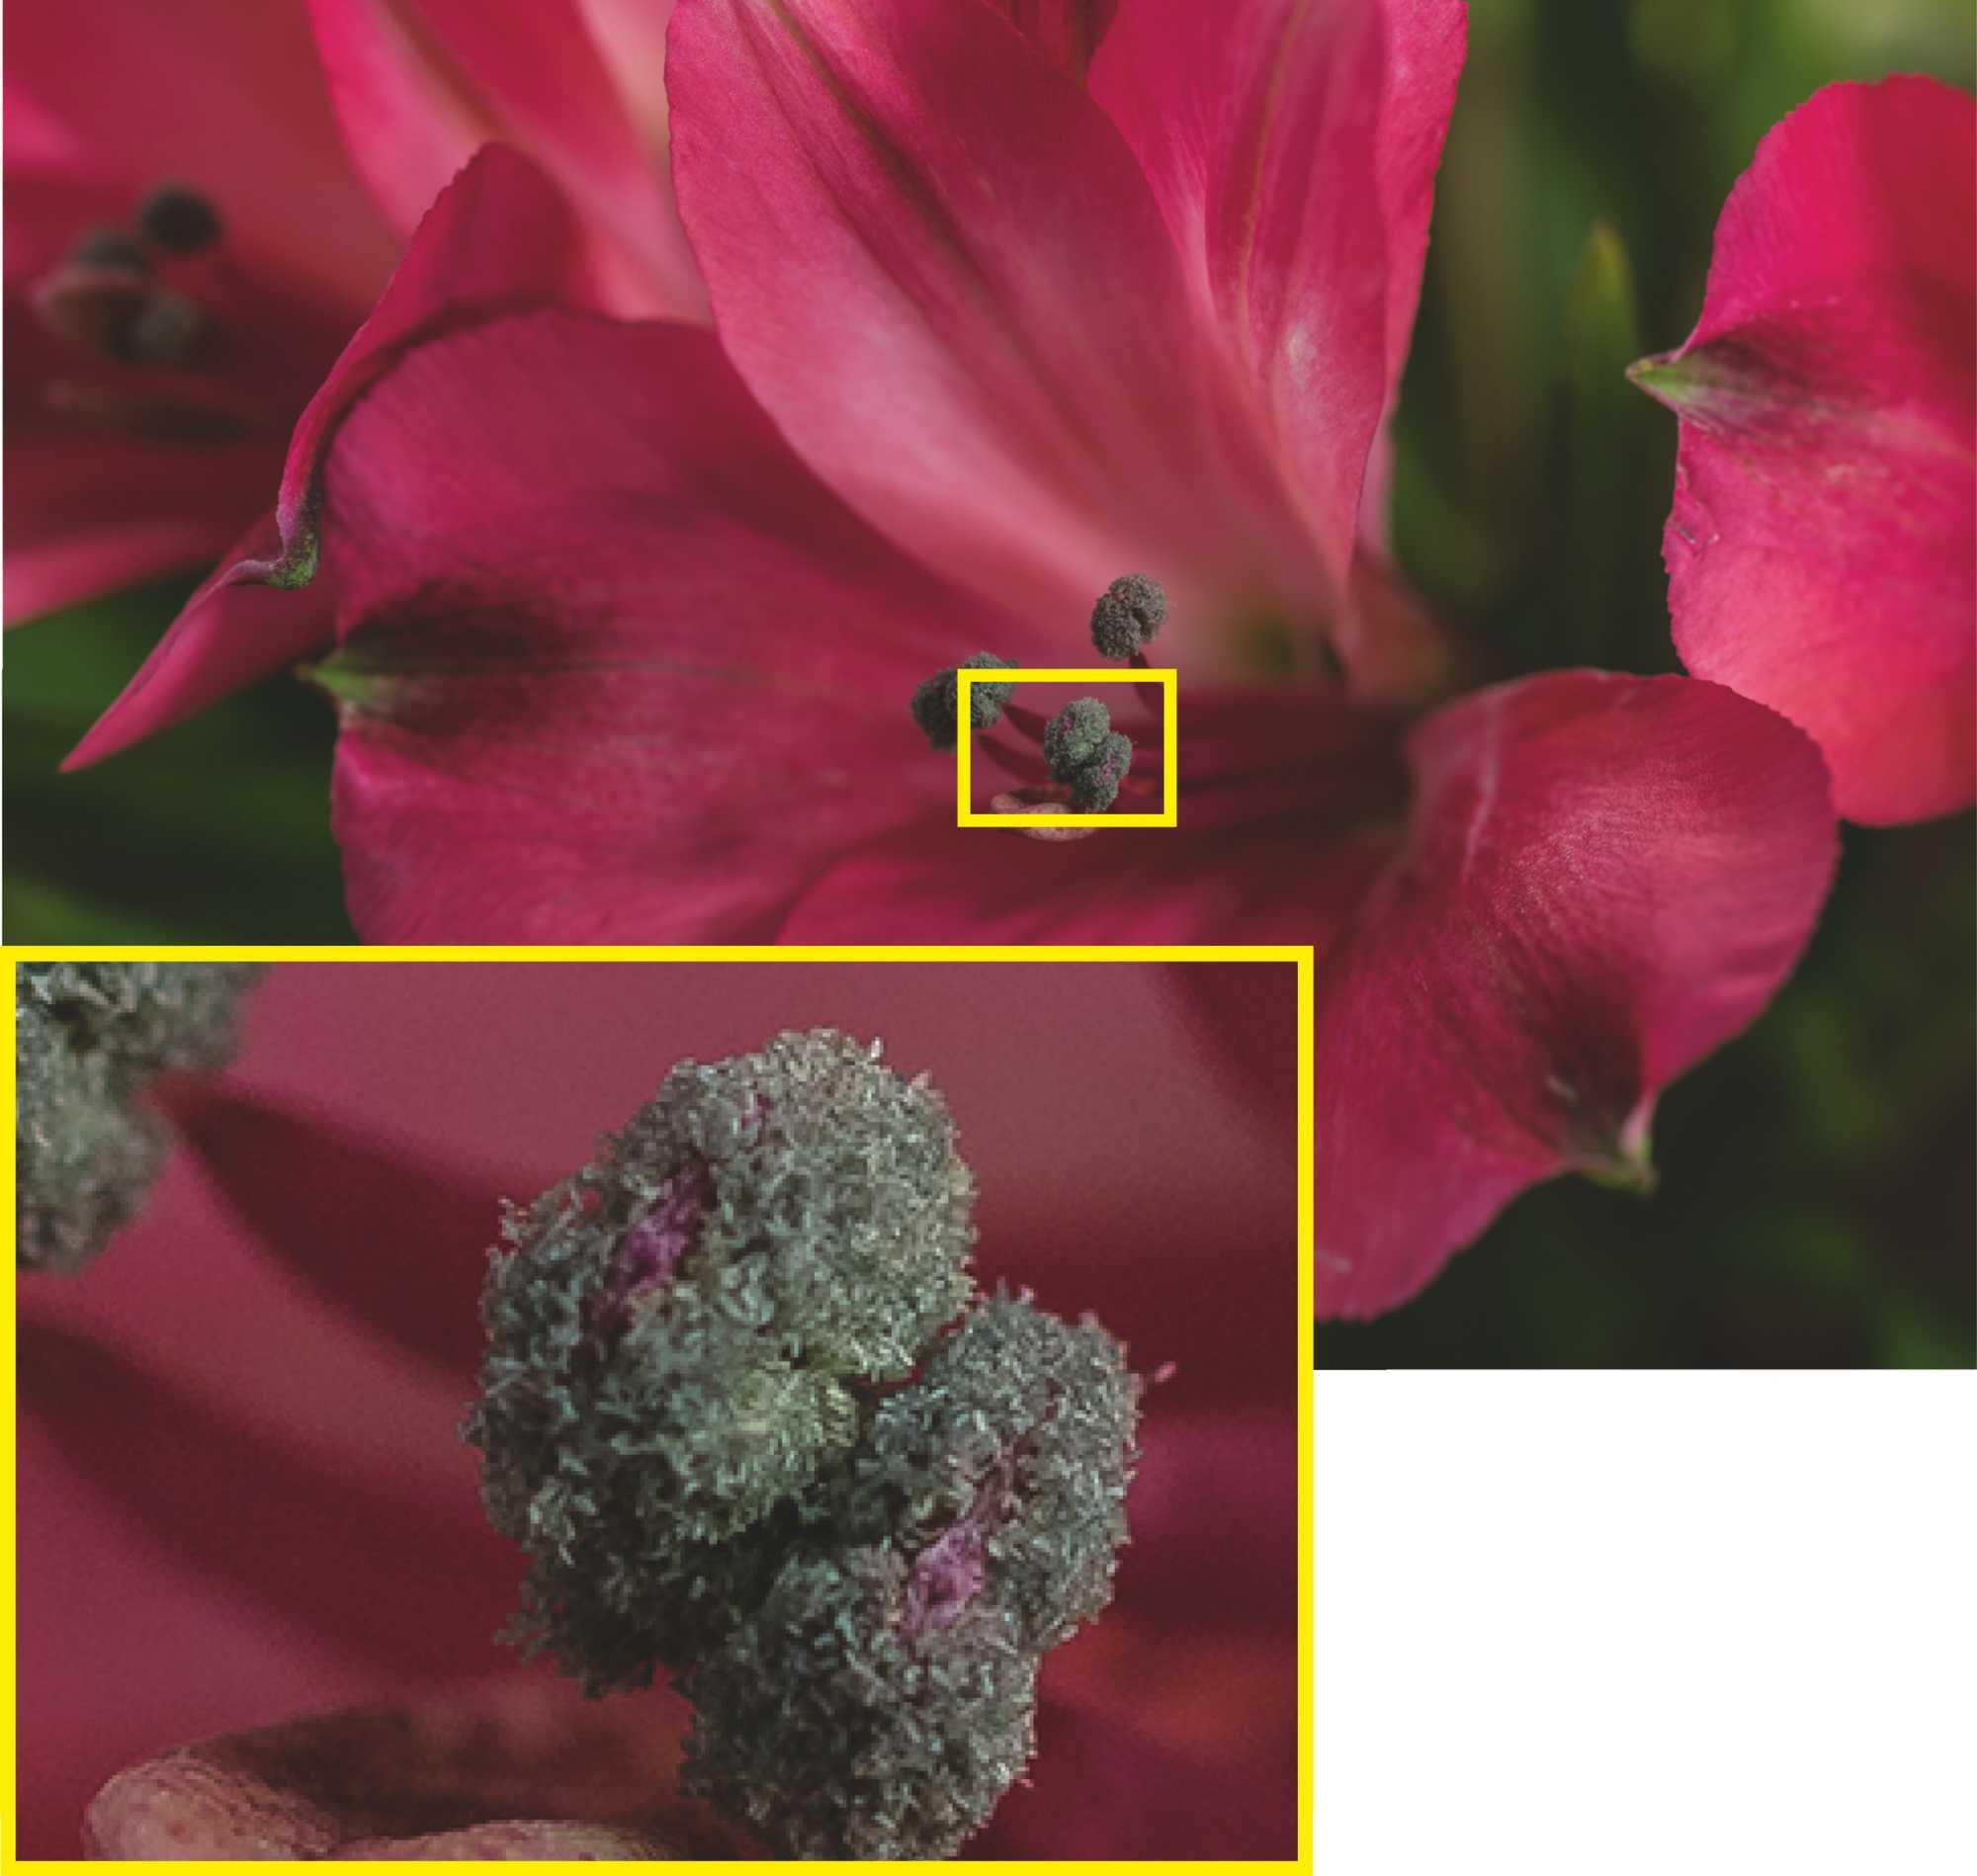 Nur mit hochwertigem Objektiv kann man die hohe Auflösung der D850 ausnutzen. <br /> (Nikon D850  Zeiss 100mm  ISO 64  f/5.6  6 s)